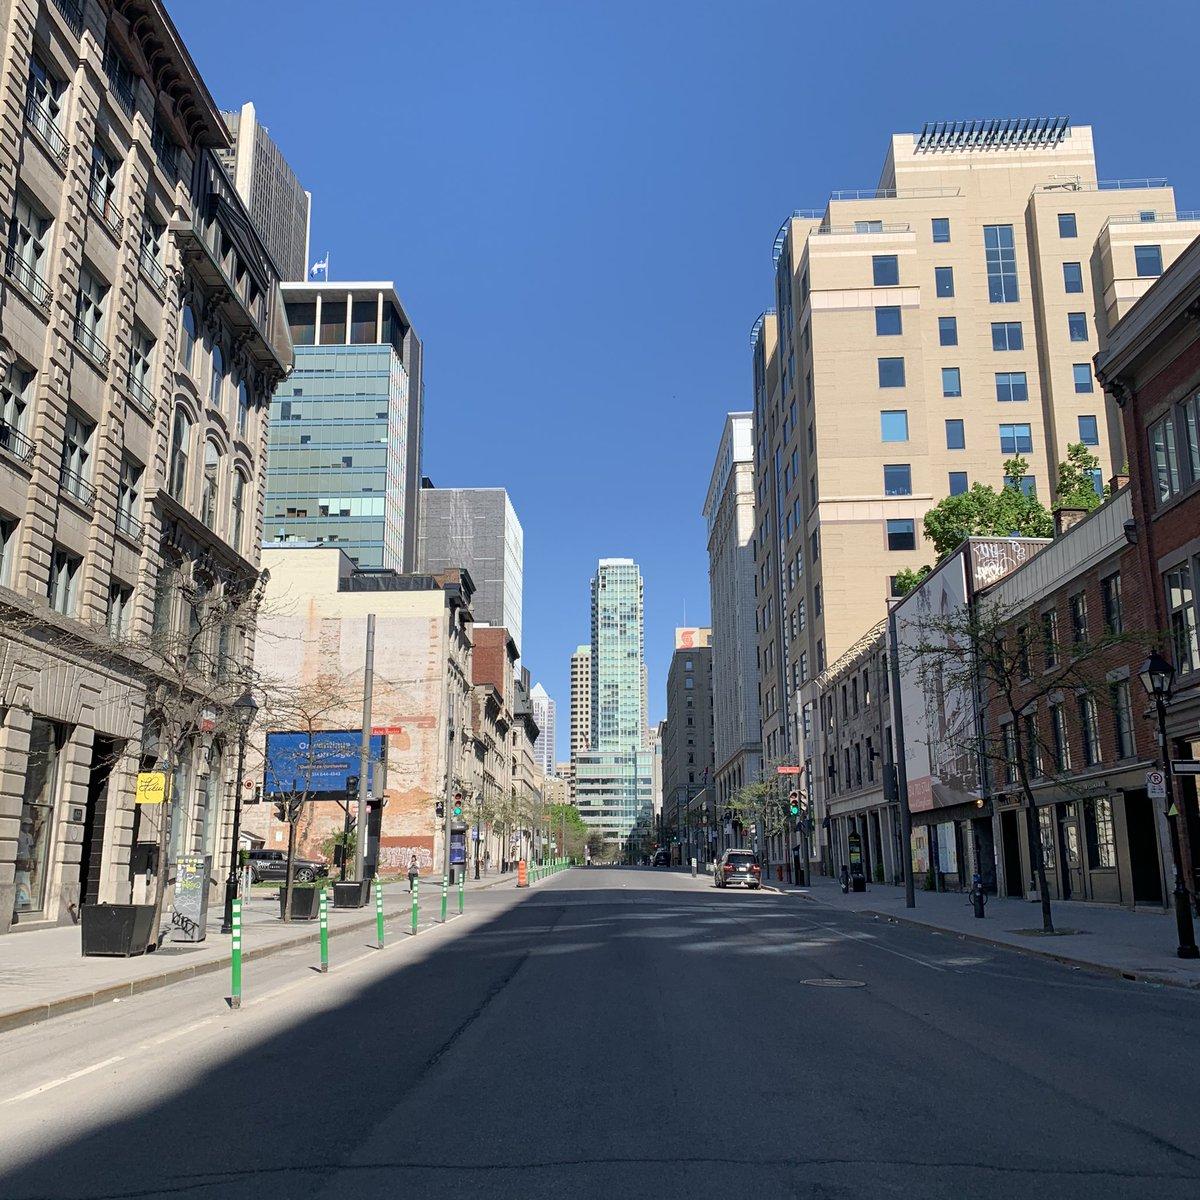 Gooood morning #Montréal! pic.twitter.com/9LlP5bG1Zi